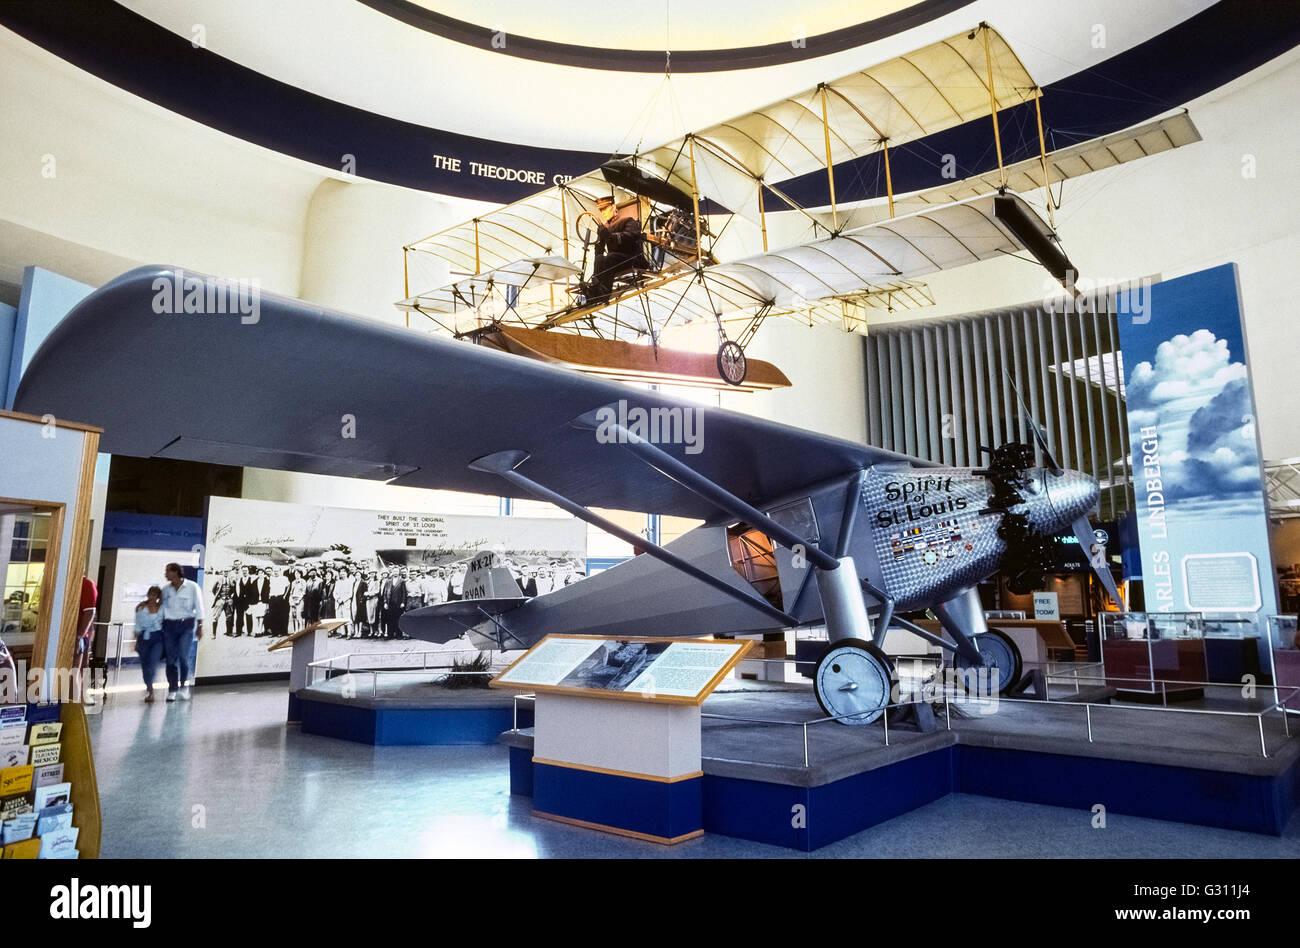 """Une réplique de la Charles A. Lindbergh's 'Spirit of Saint Louis' avion qui a été le premier à voler sans escale de New York à Paris en 1927 est une attraction majeure au San Diego Air & Space Museum à San Diego, Californie, USA. Avec l'appui financier de la Missouri city après qu'il a été nommé, le était monoplan conçu, construit et testé à San Diego avant de prendre son vol historique qui a eu 33-1/2 heures et a gagné 25 000 $ Lindbergh en prix en argent. Affiché au-dessus de 'l'esprit de Saint Louis"""" est un des premiers avions planeur. Banque D'Images"""